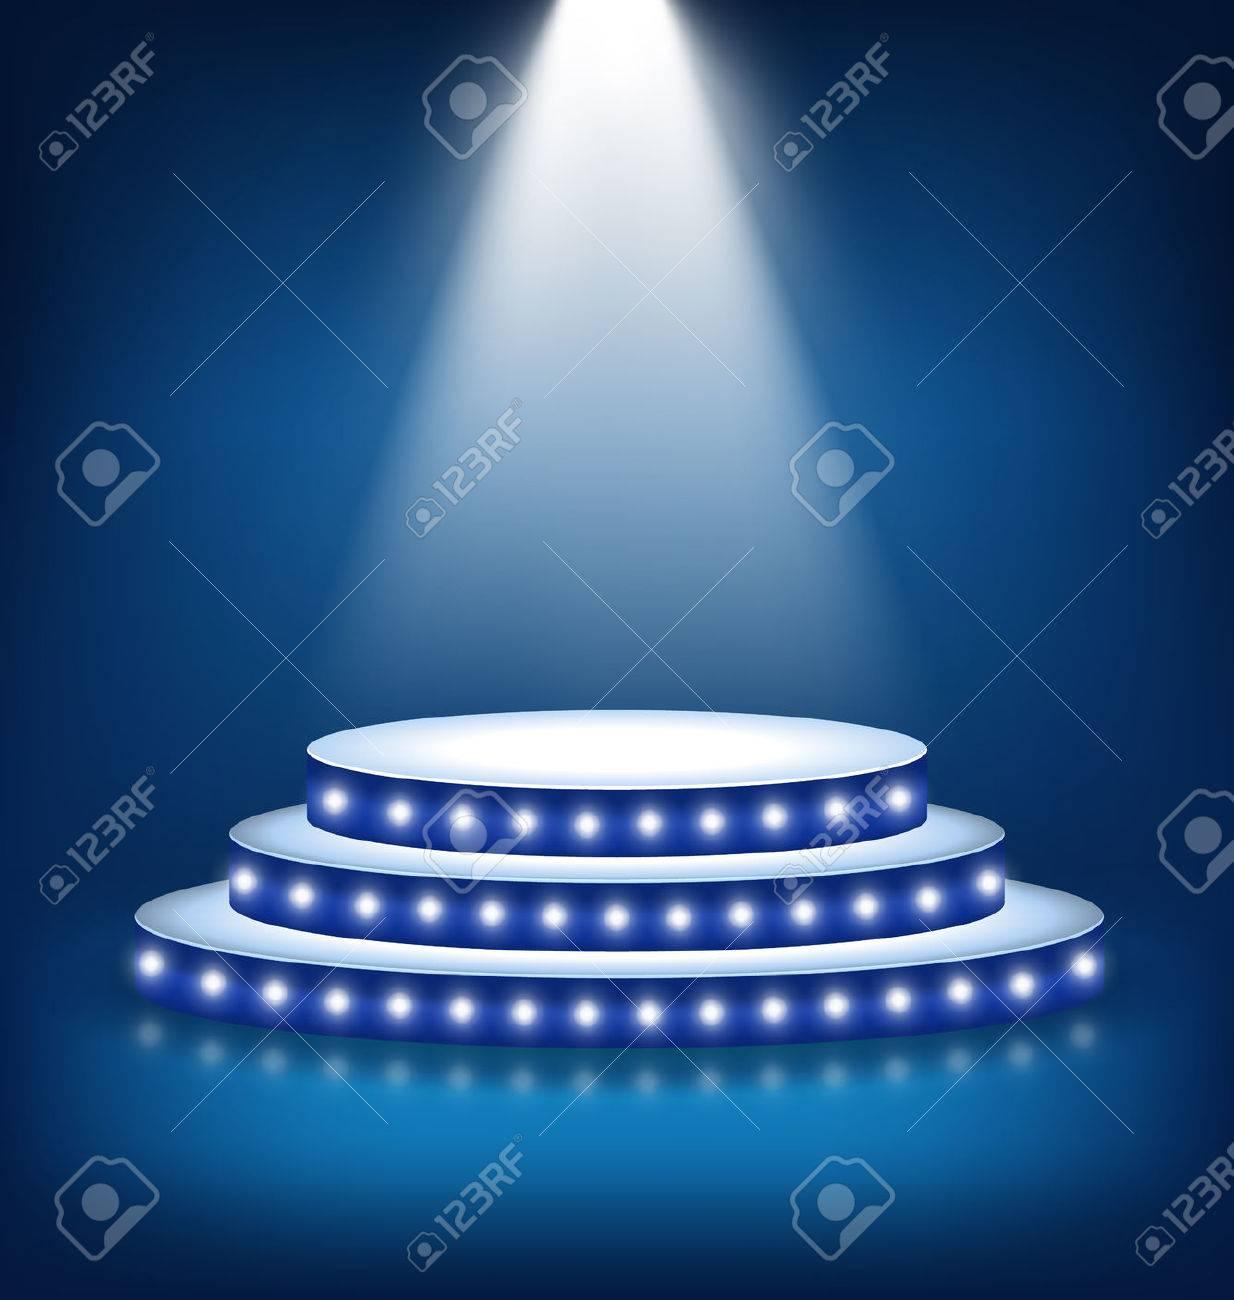 Illuminated Festive Stage Podium with Lamps on Blue Background - 46963629